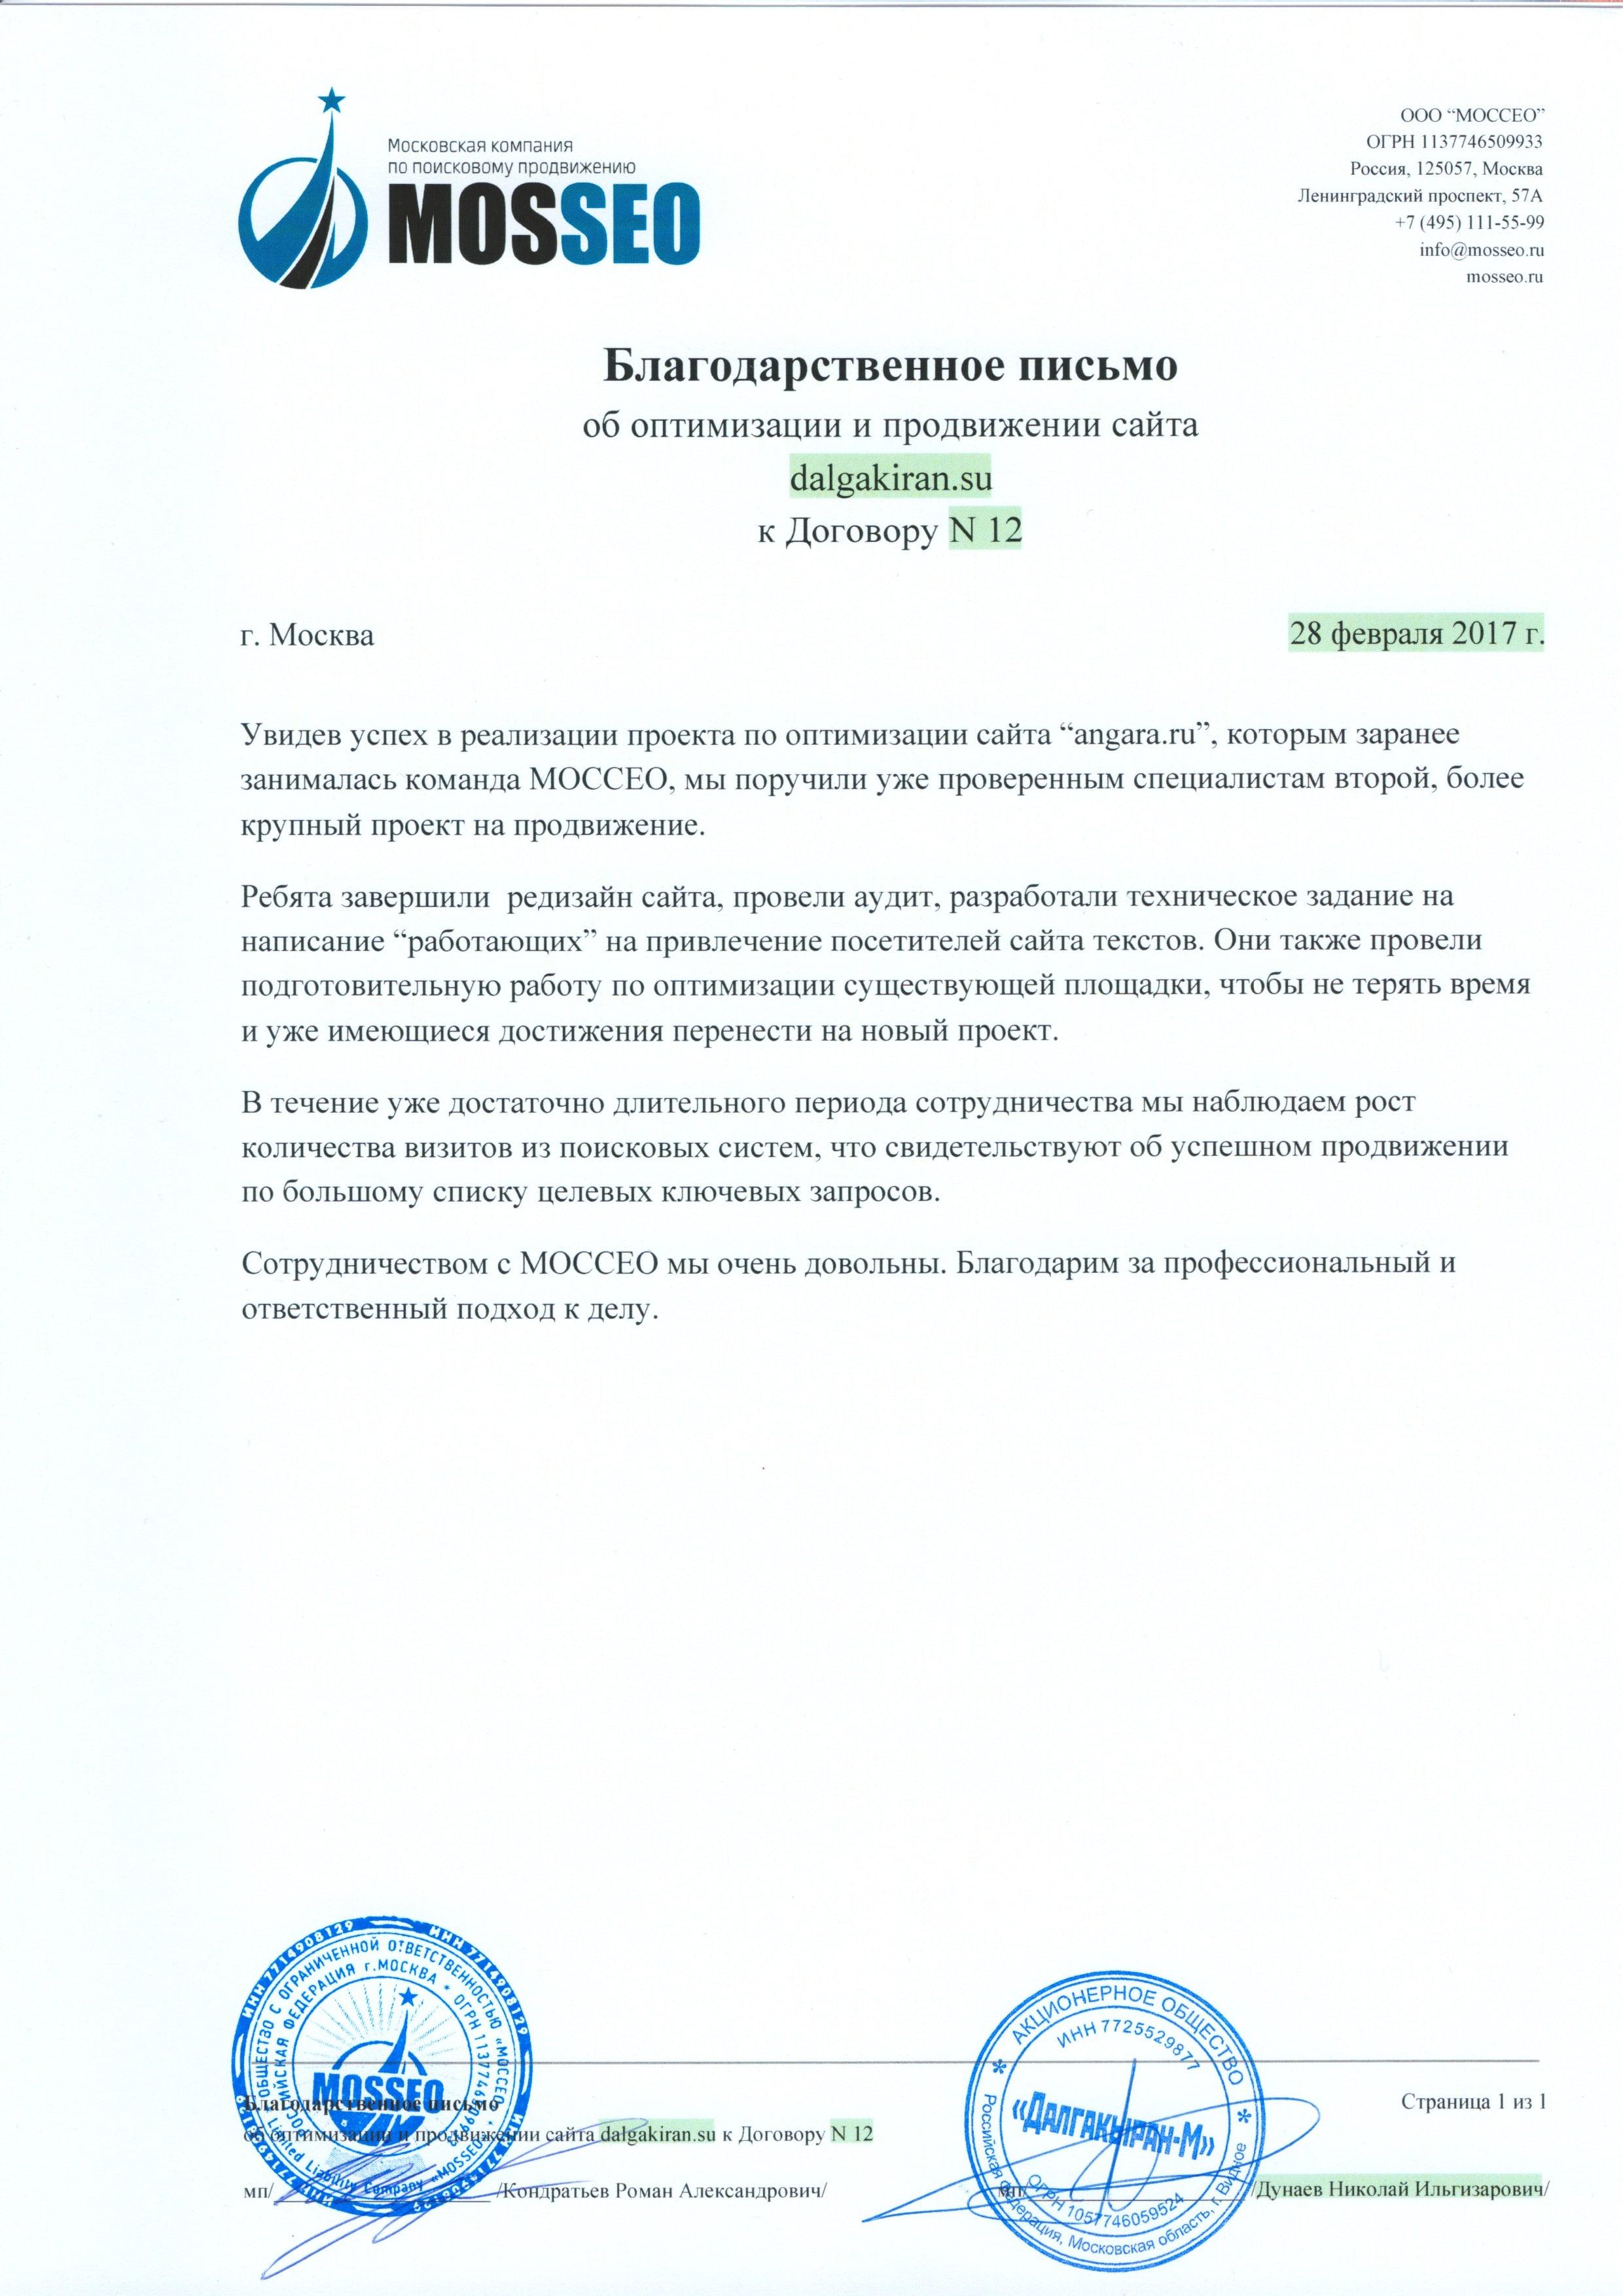 """Увидев успех в реализации проекта по оптимизации сайта """"angara.ru"""", которым заранее занималась команда МОССЕО, мы поручили уже проверенным специалистам второй, более крупный проект на продвижение."""